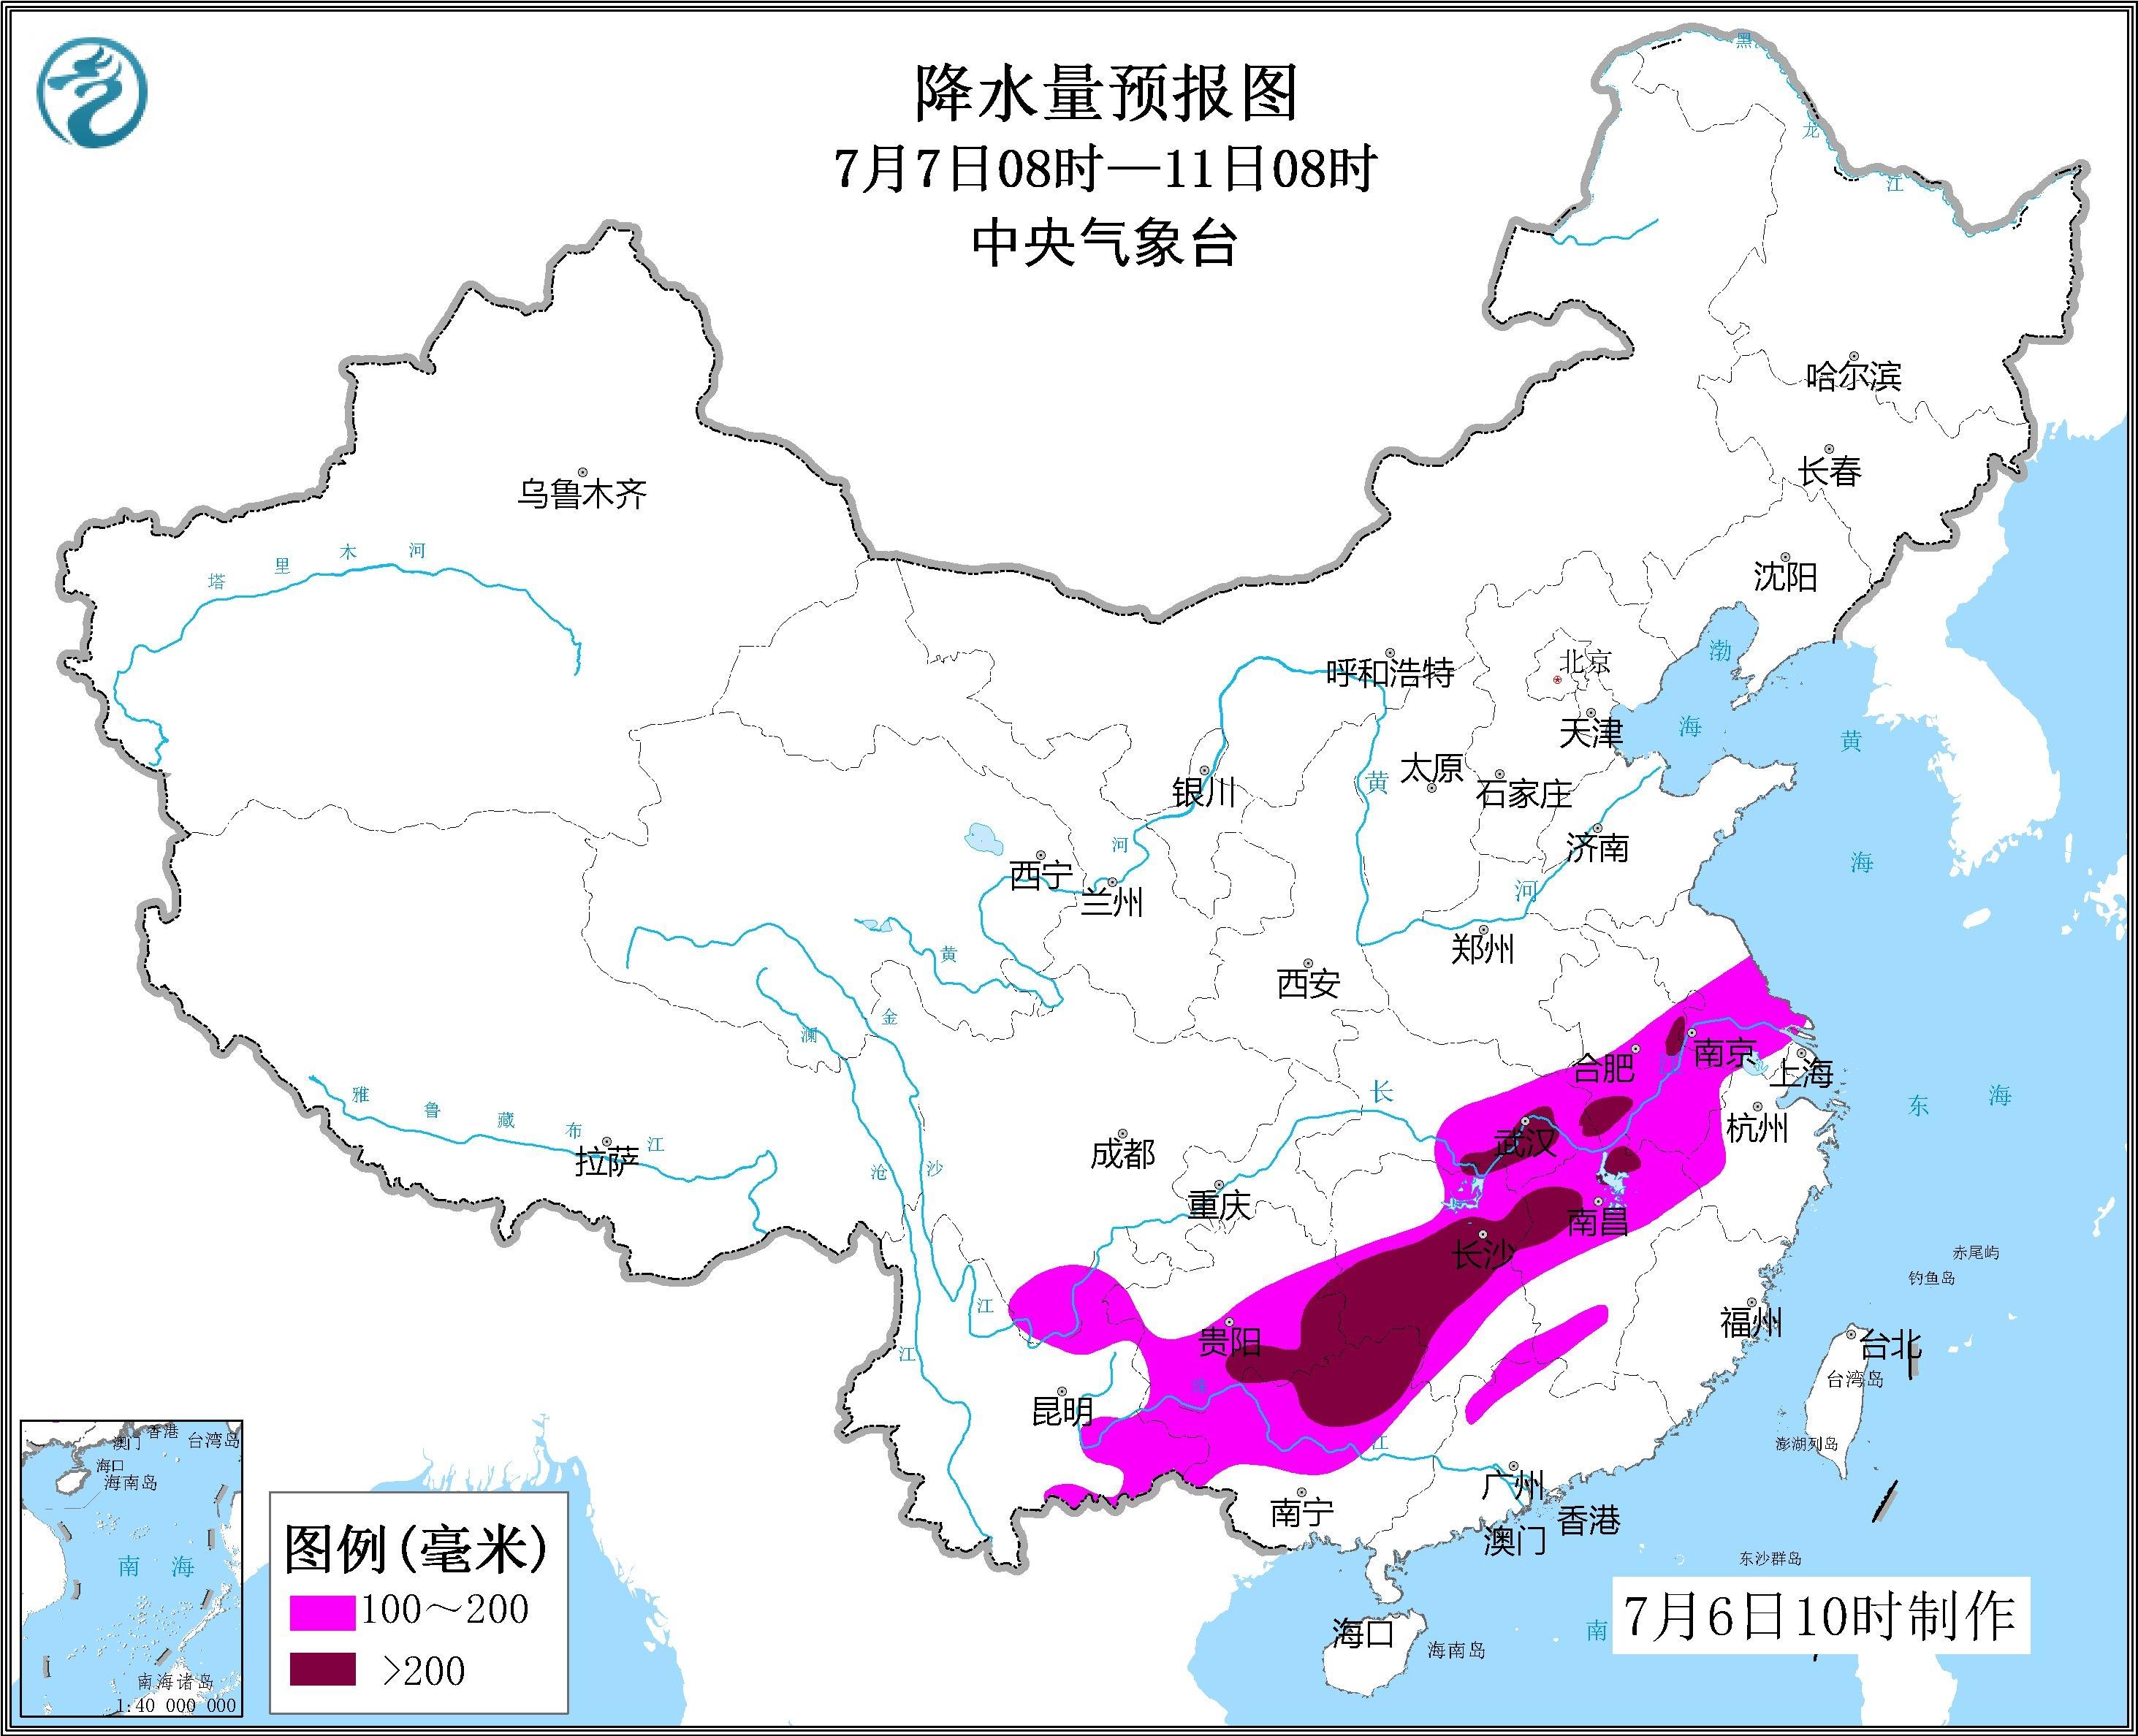 入汛以来最大面雨量降水过程影响南方多地 专家解析成因及影响